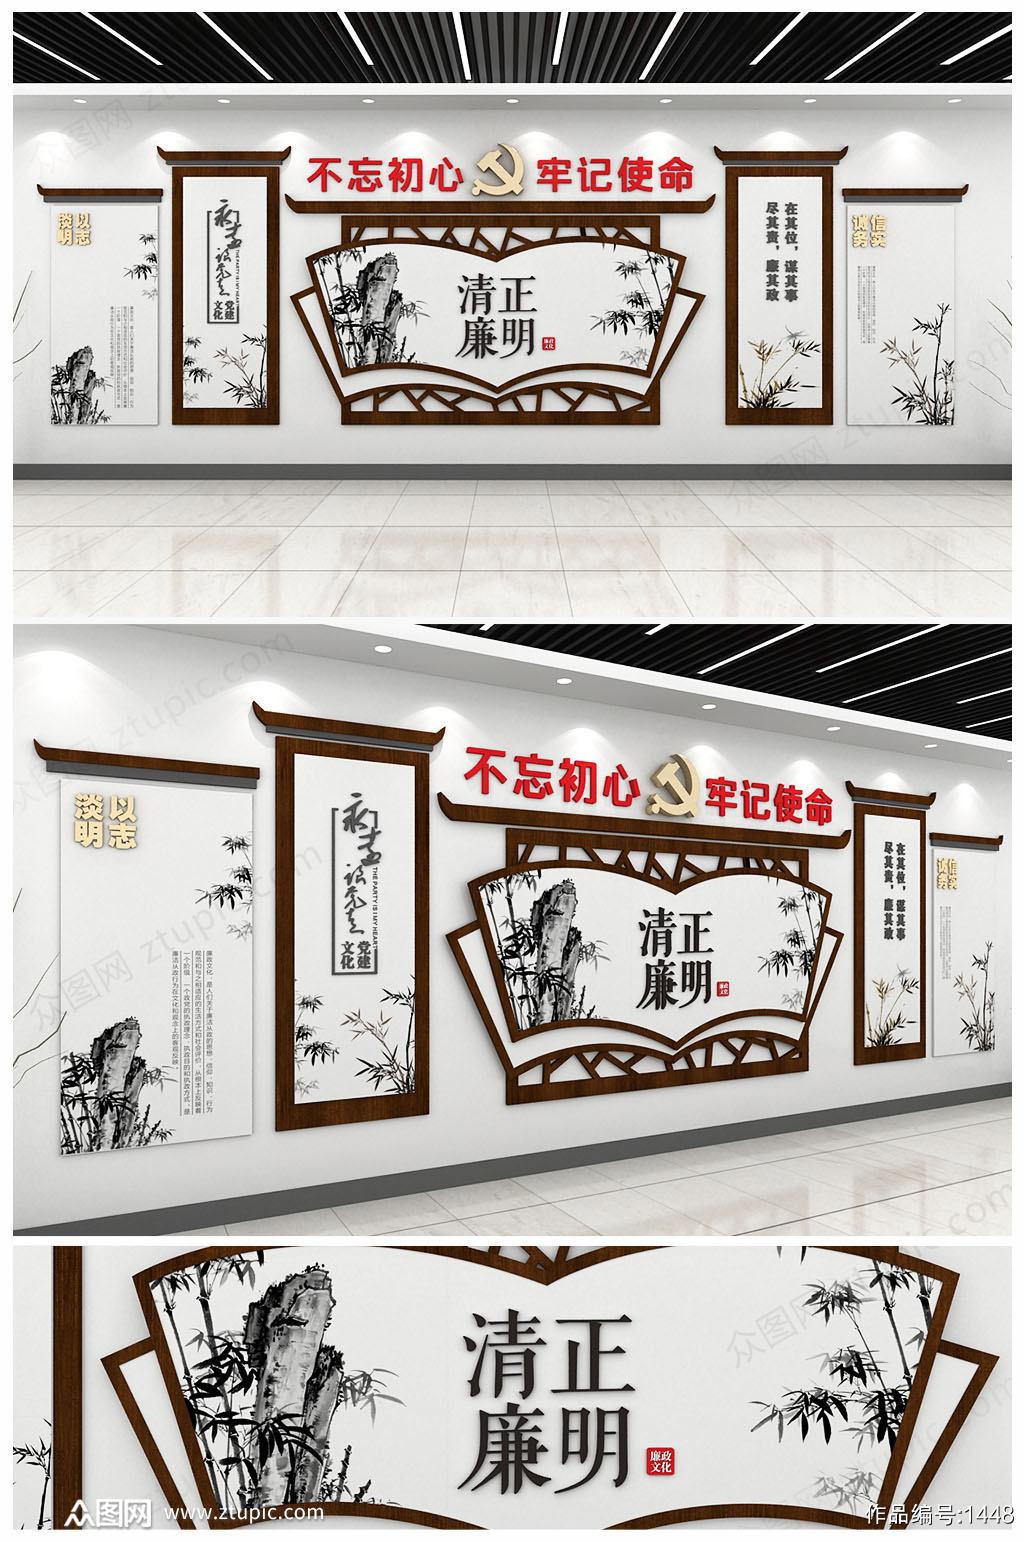 原创新中式廉政文化墙创意企业文化墙素材